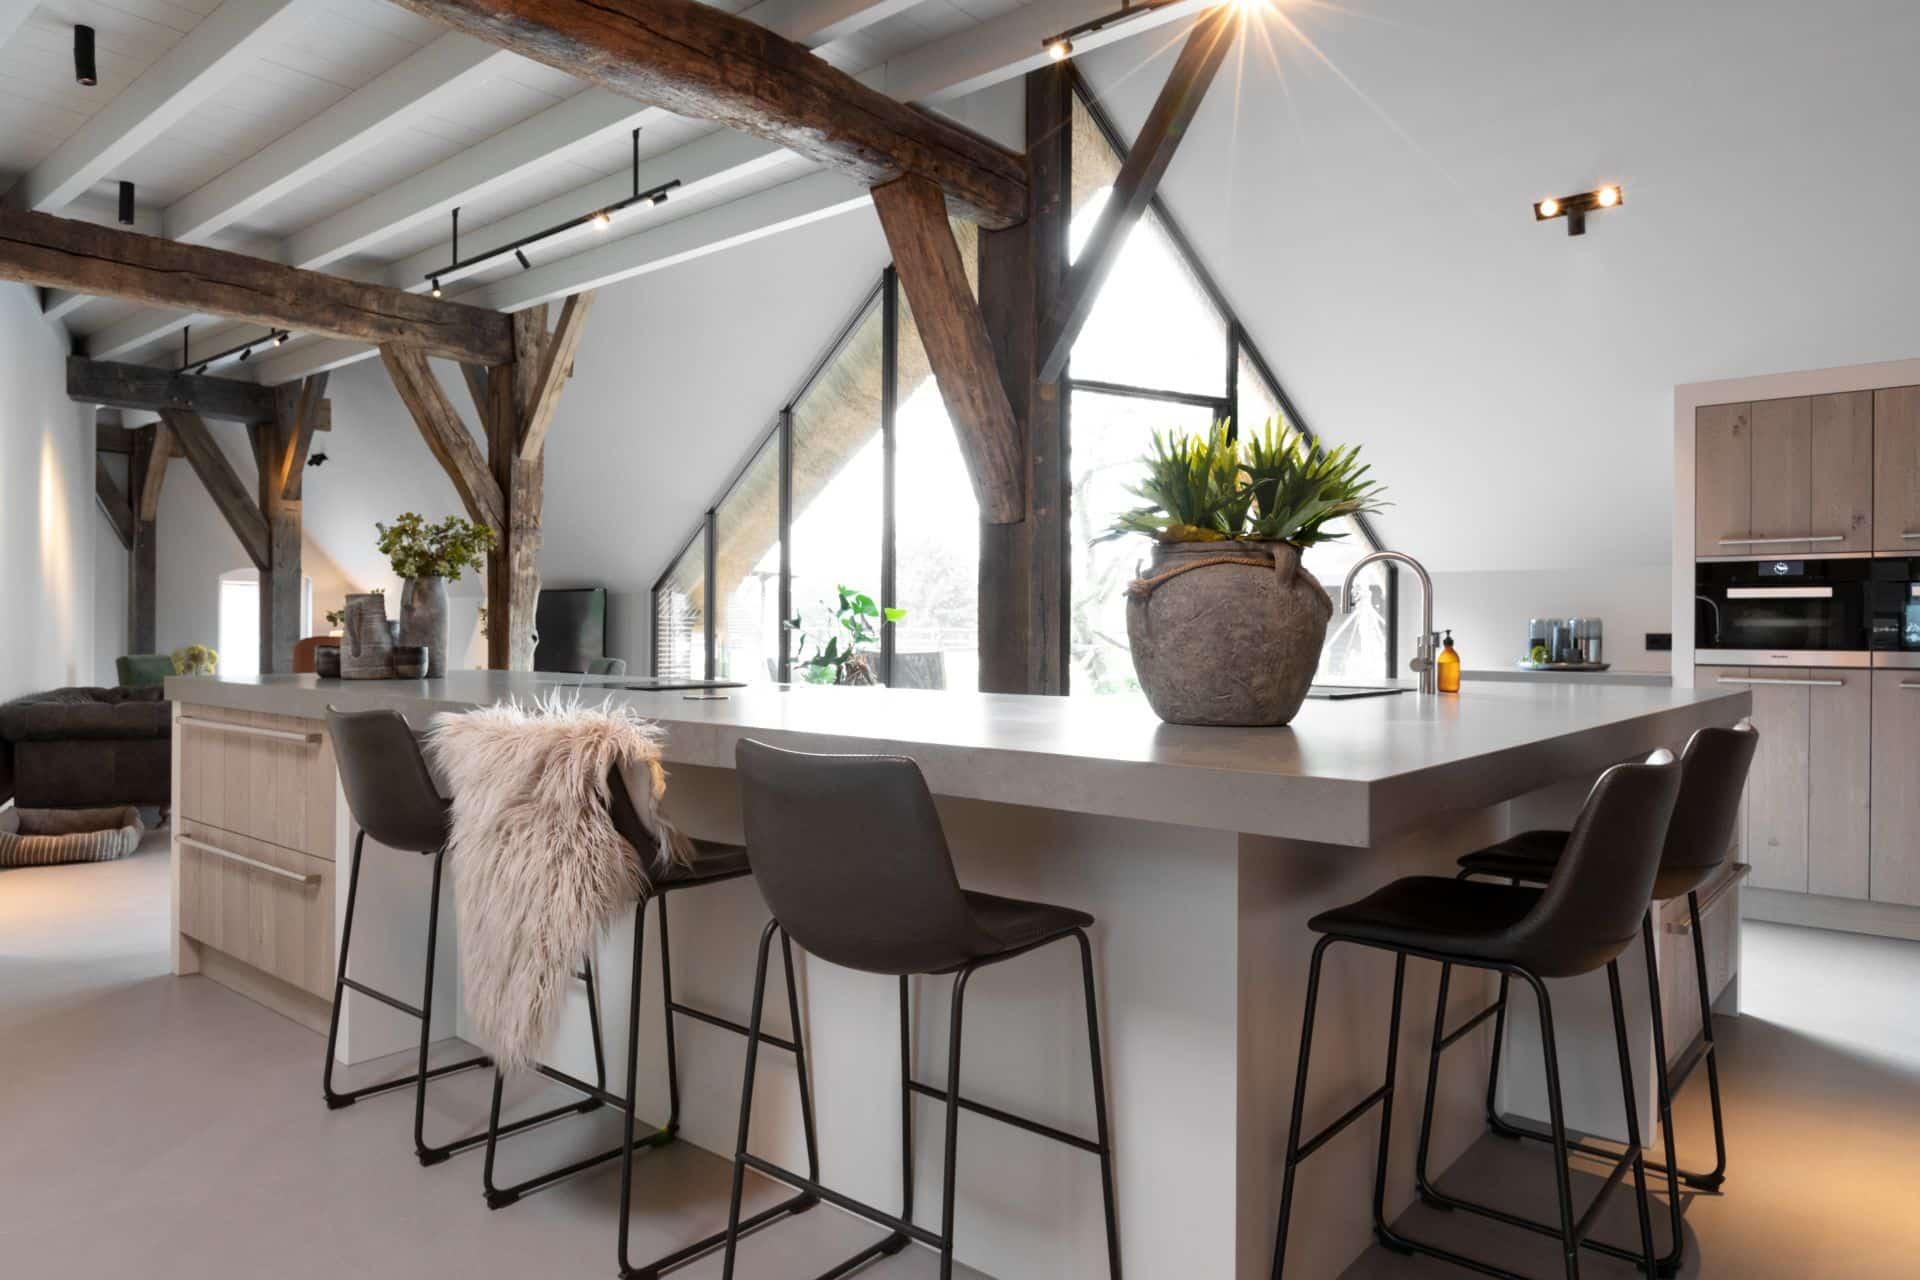 Landelijke keuken met houten afwerking | Hoevelaken